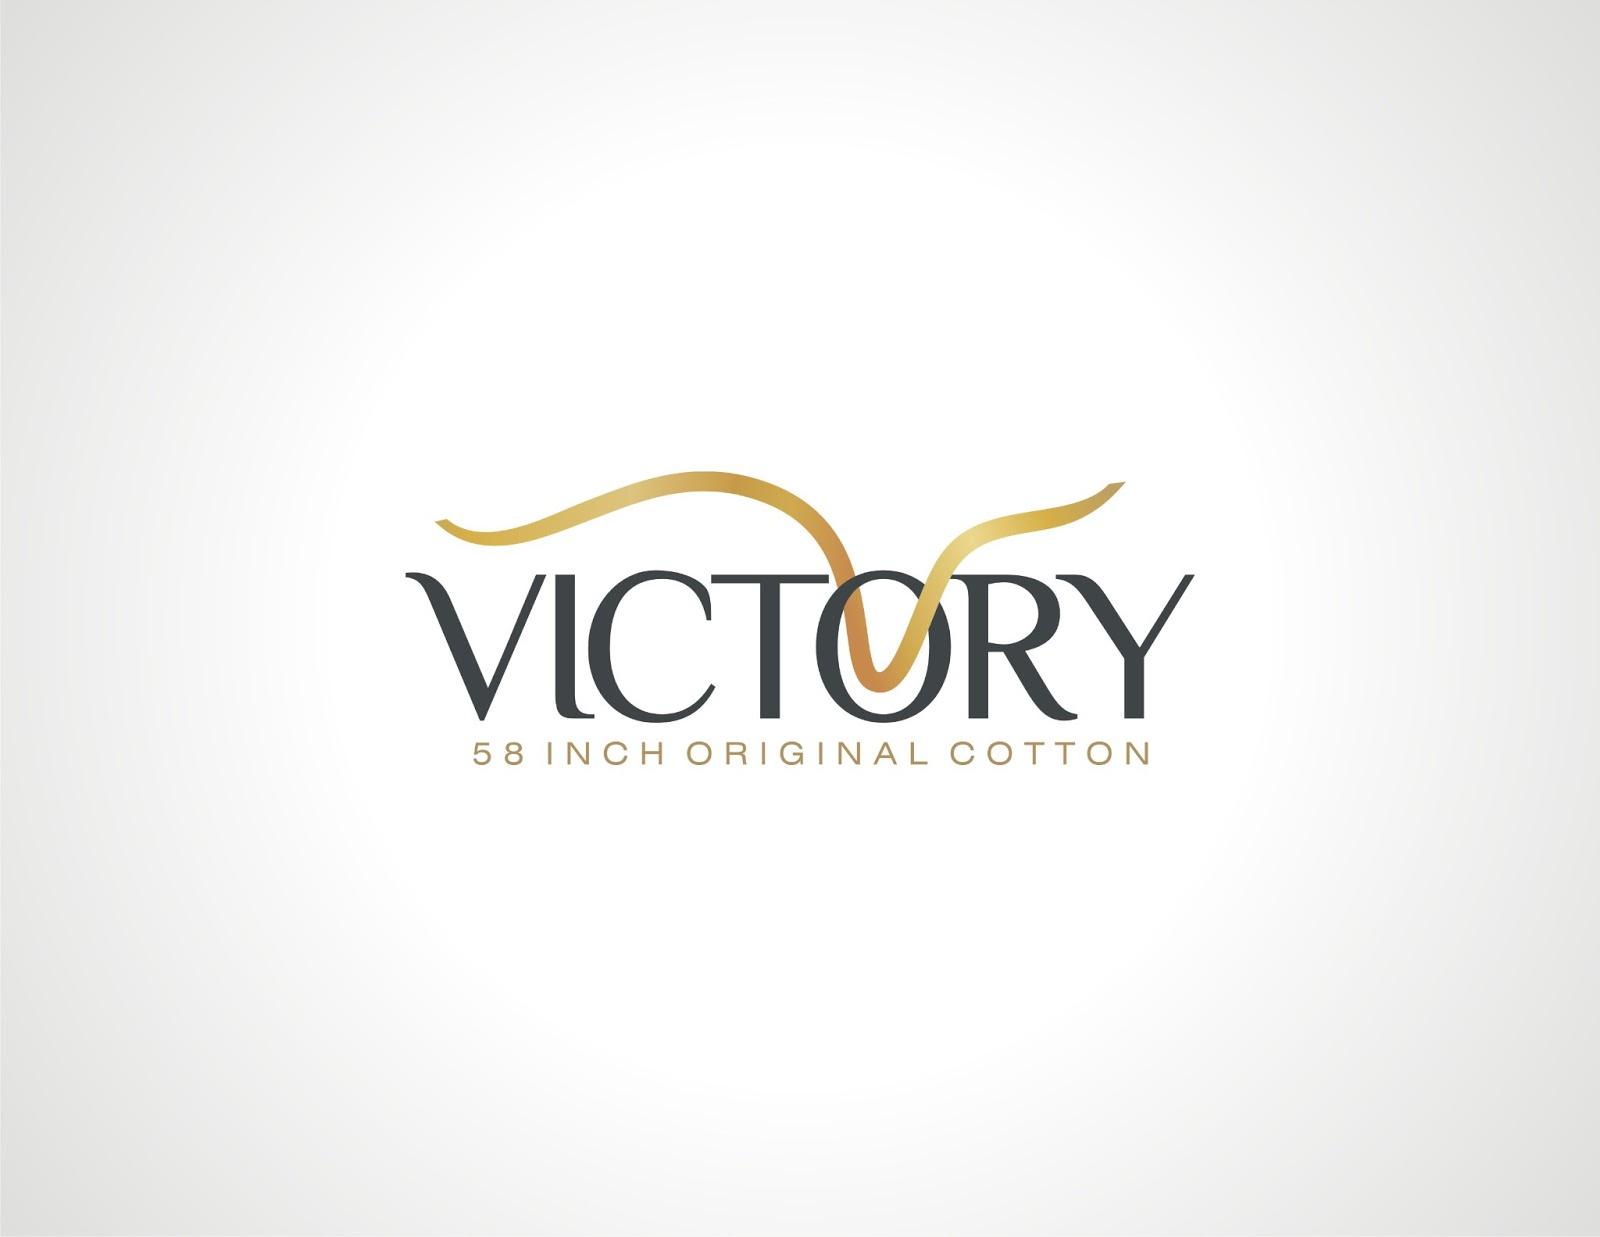 Patriotic Free Vector Art  5255 Free Downloads  Vecteezy